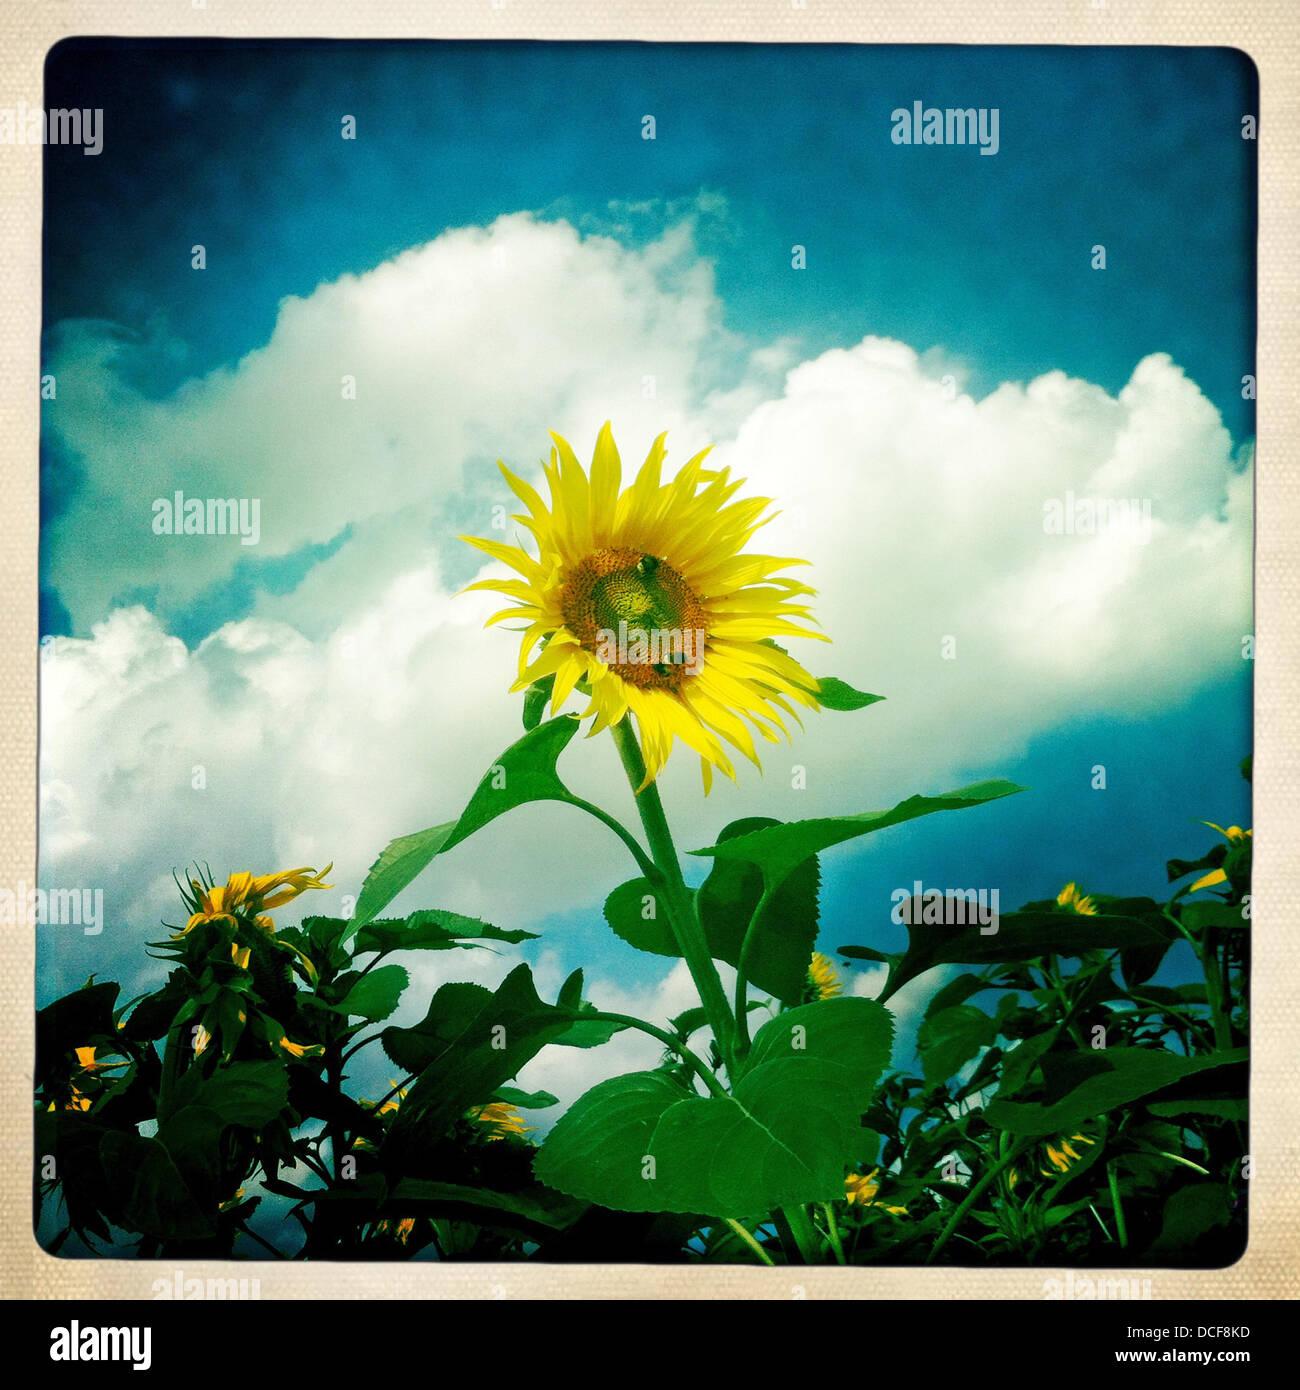 Eine Sonnenblume - Foto mit dem iPhone und App Hipstamatic Stockfoto